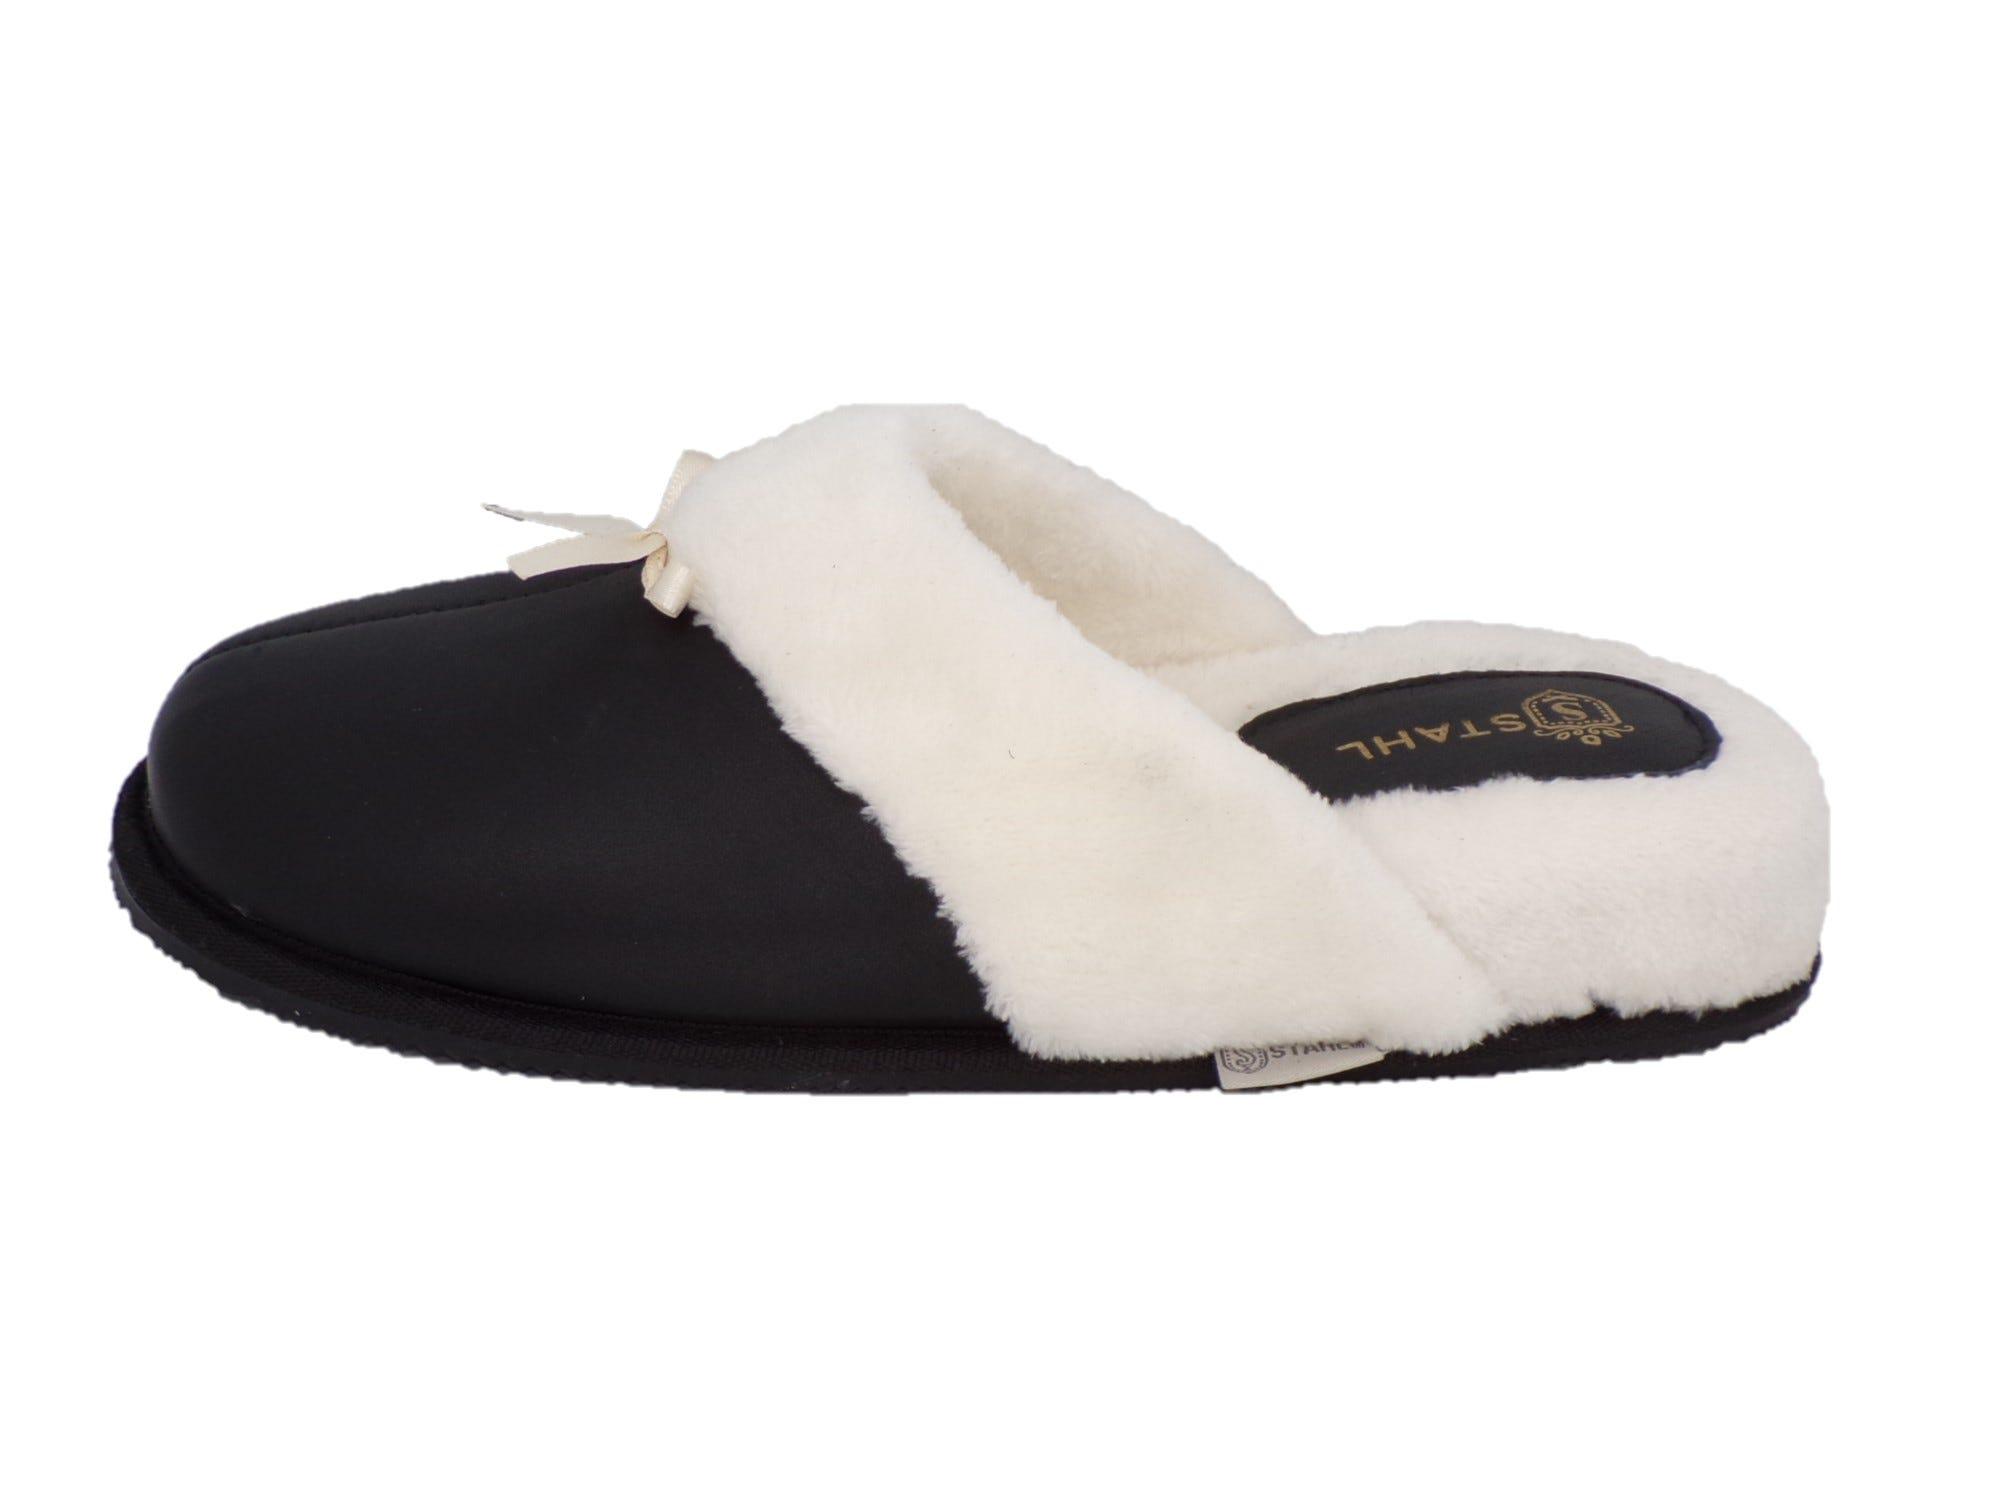 Pantuflas para mujer CH de piel Stahl® color negro, talla 24